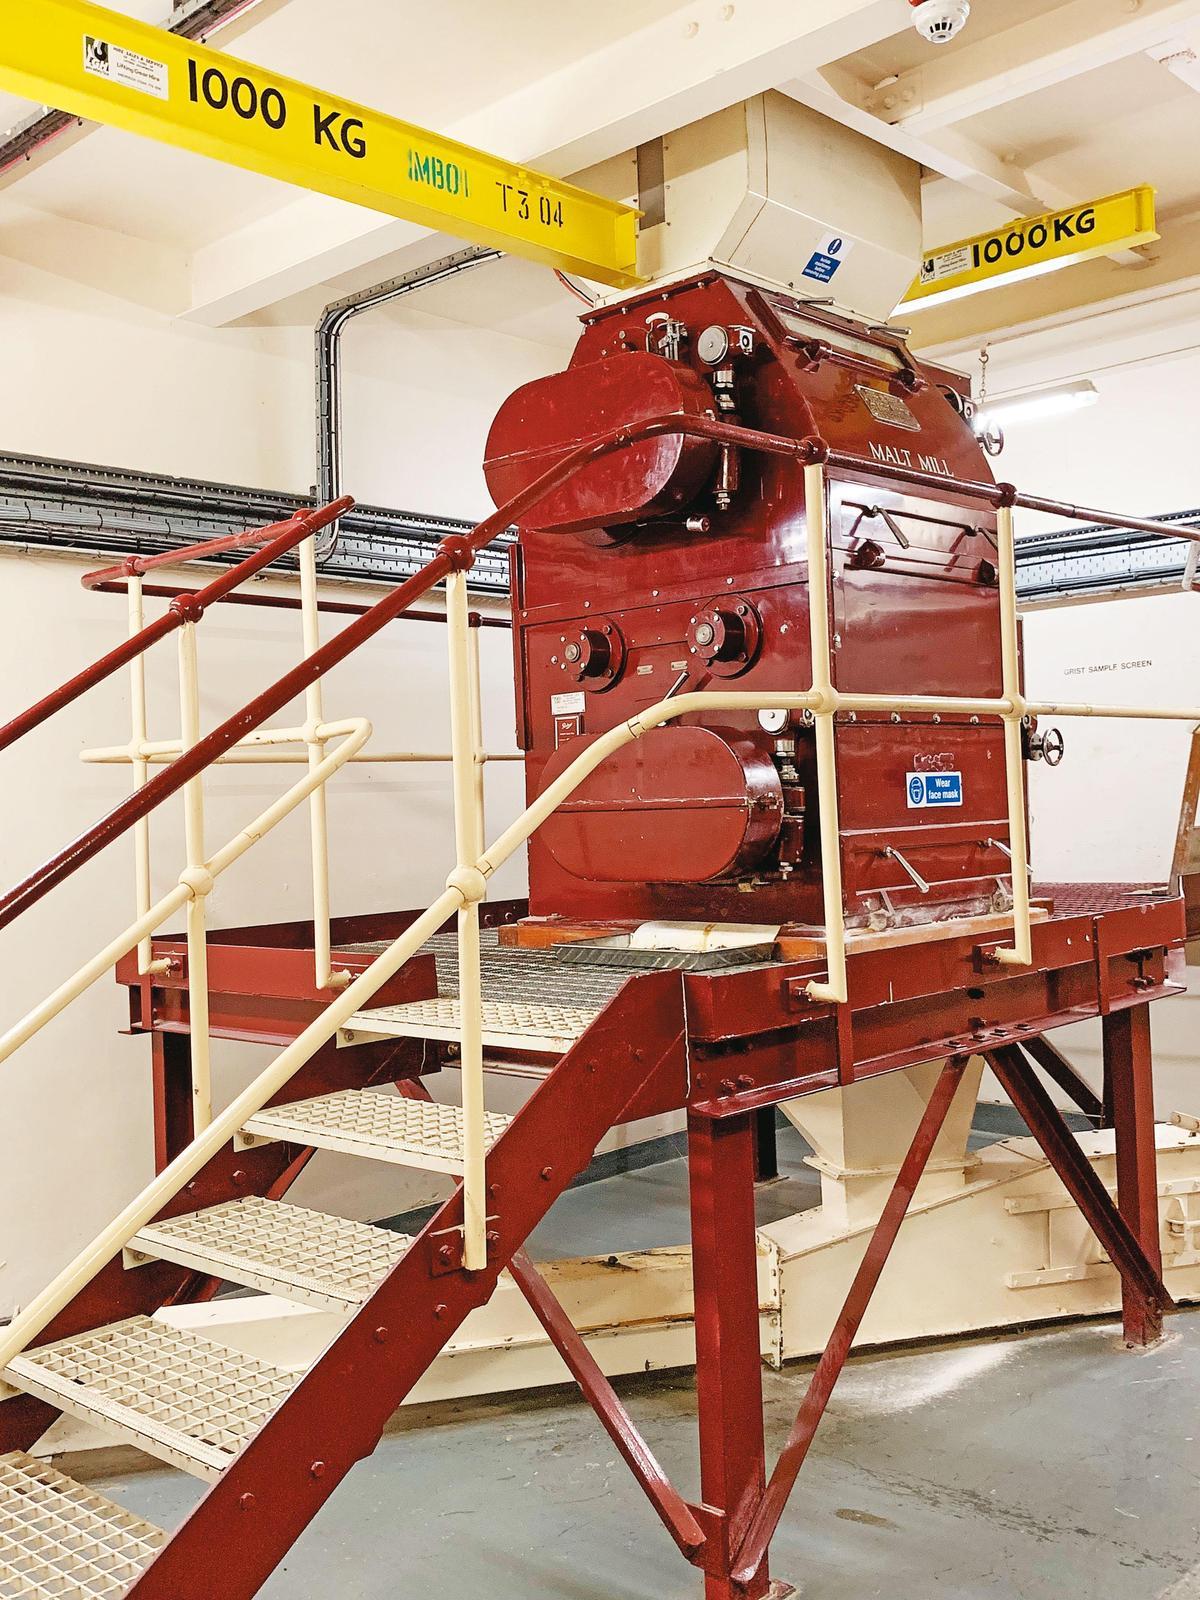 這裡的麥芽碾磨機是架高的,生產的Porteus公司雖已倒閉,但維修技師的第二代仍持續提供服務,上面看得到Ronnie Lee的名字與電話。